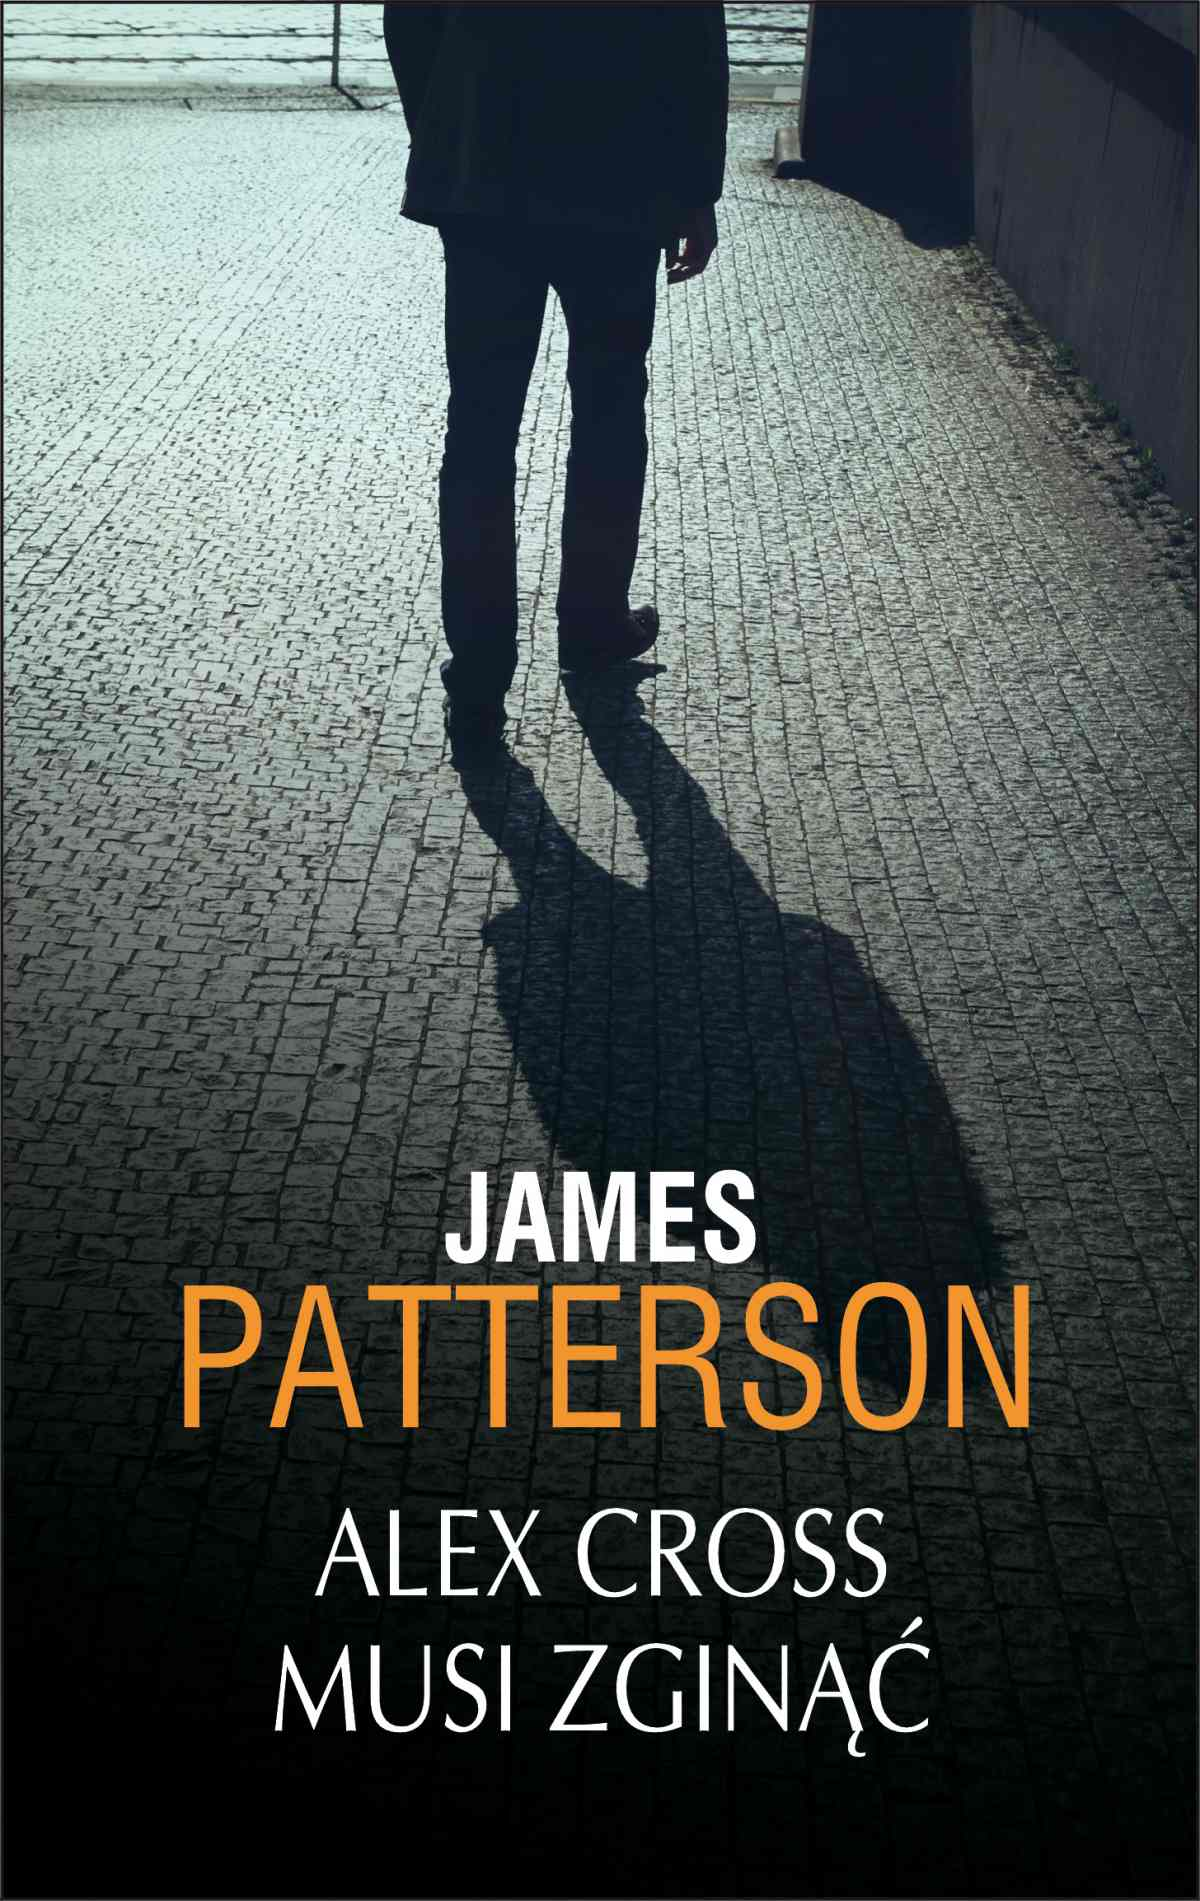 Alex Cross musi zginąć - Ebook (Książka EPUB) do pobrania w formacie EPUB